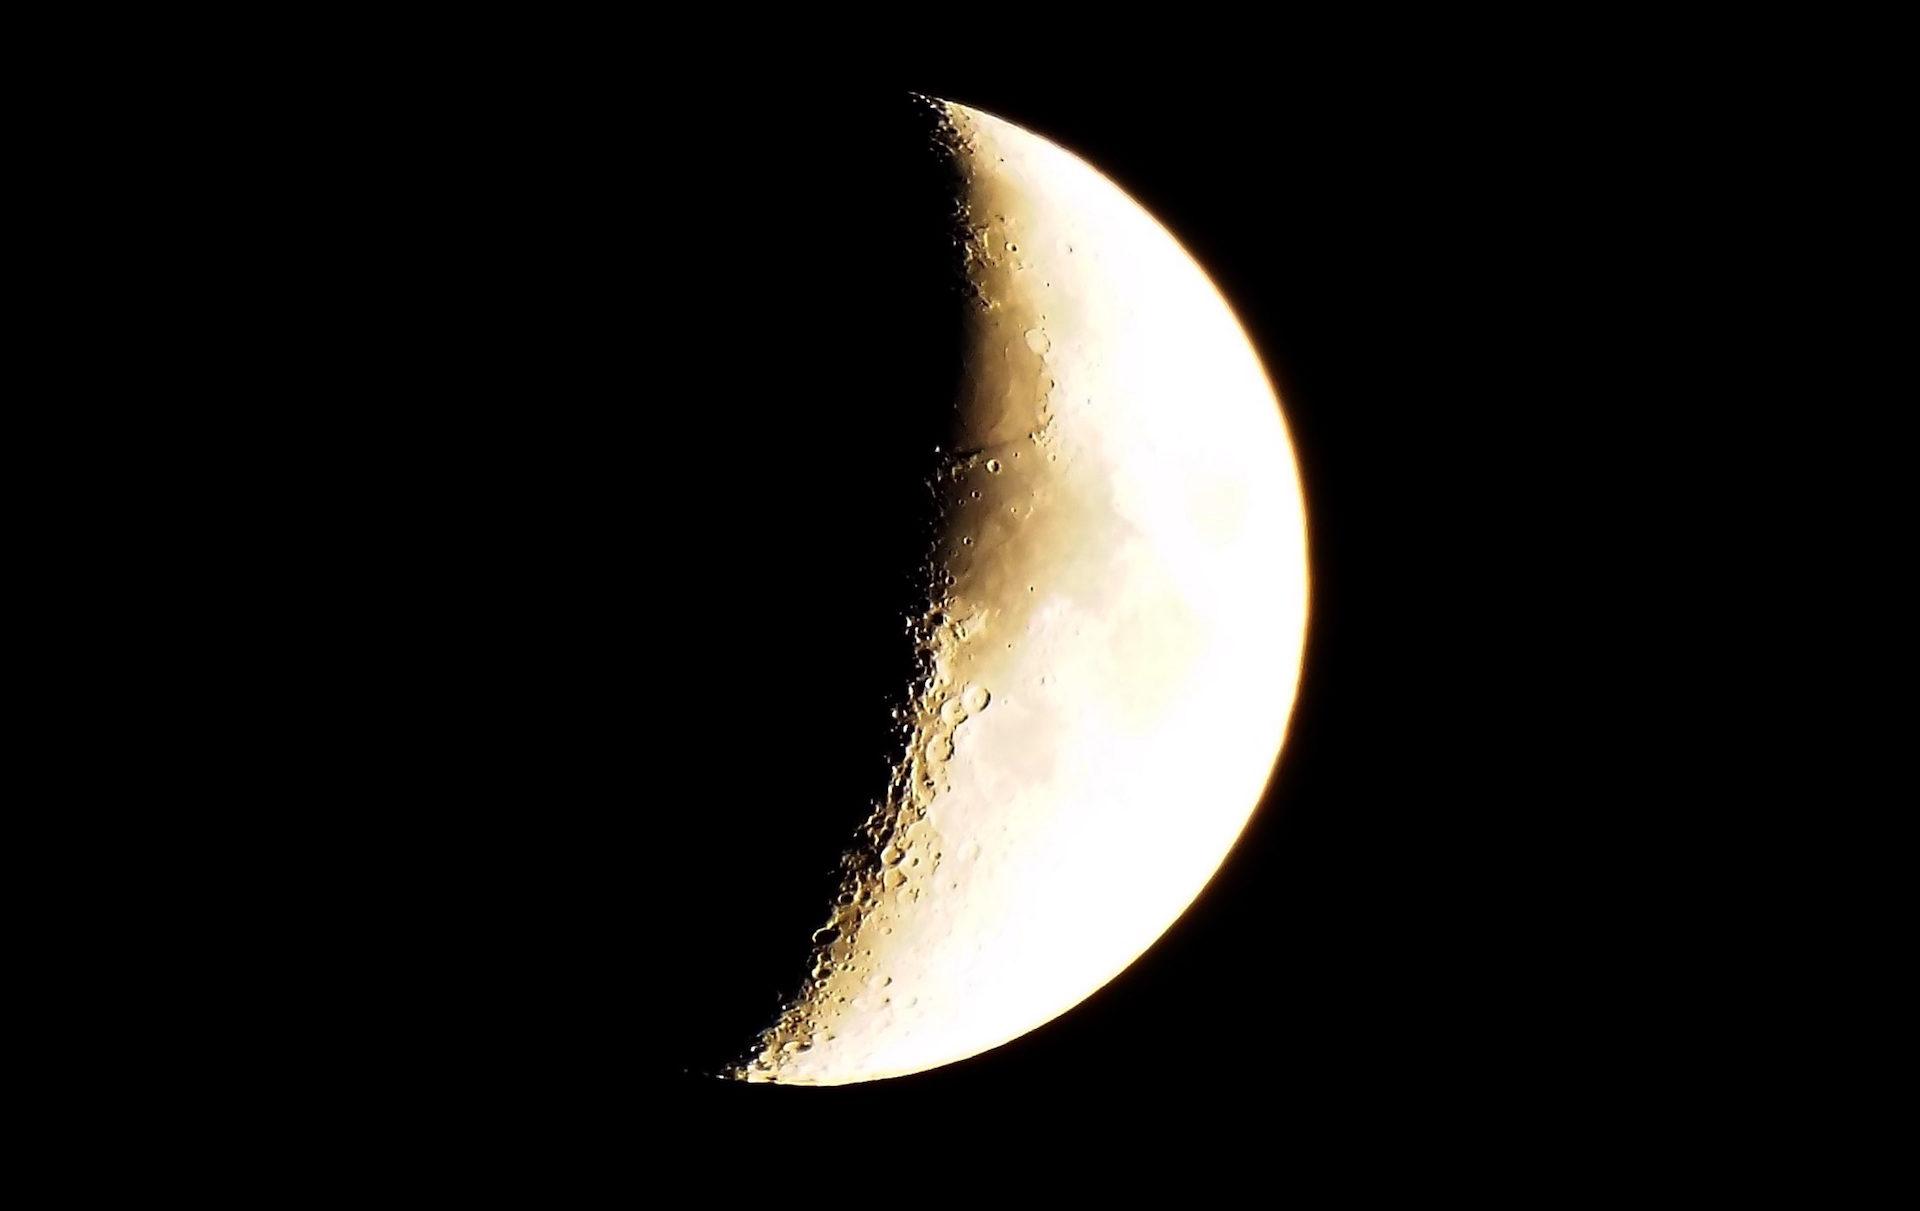 月, 表面, クレーター, シャドウ, 成長しています。 - HD の壁紙 - 教授-falken.com